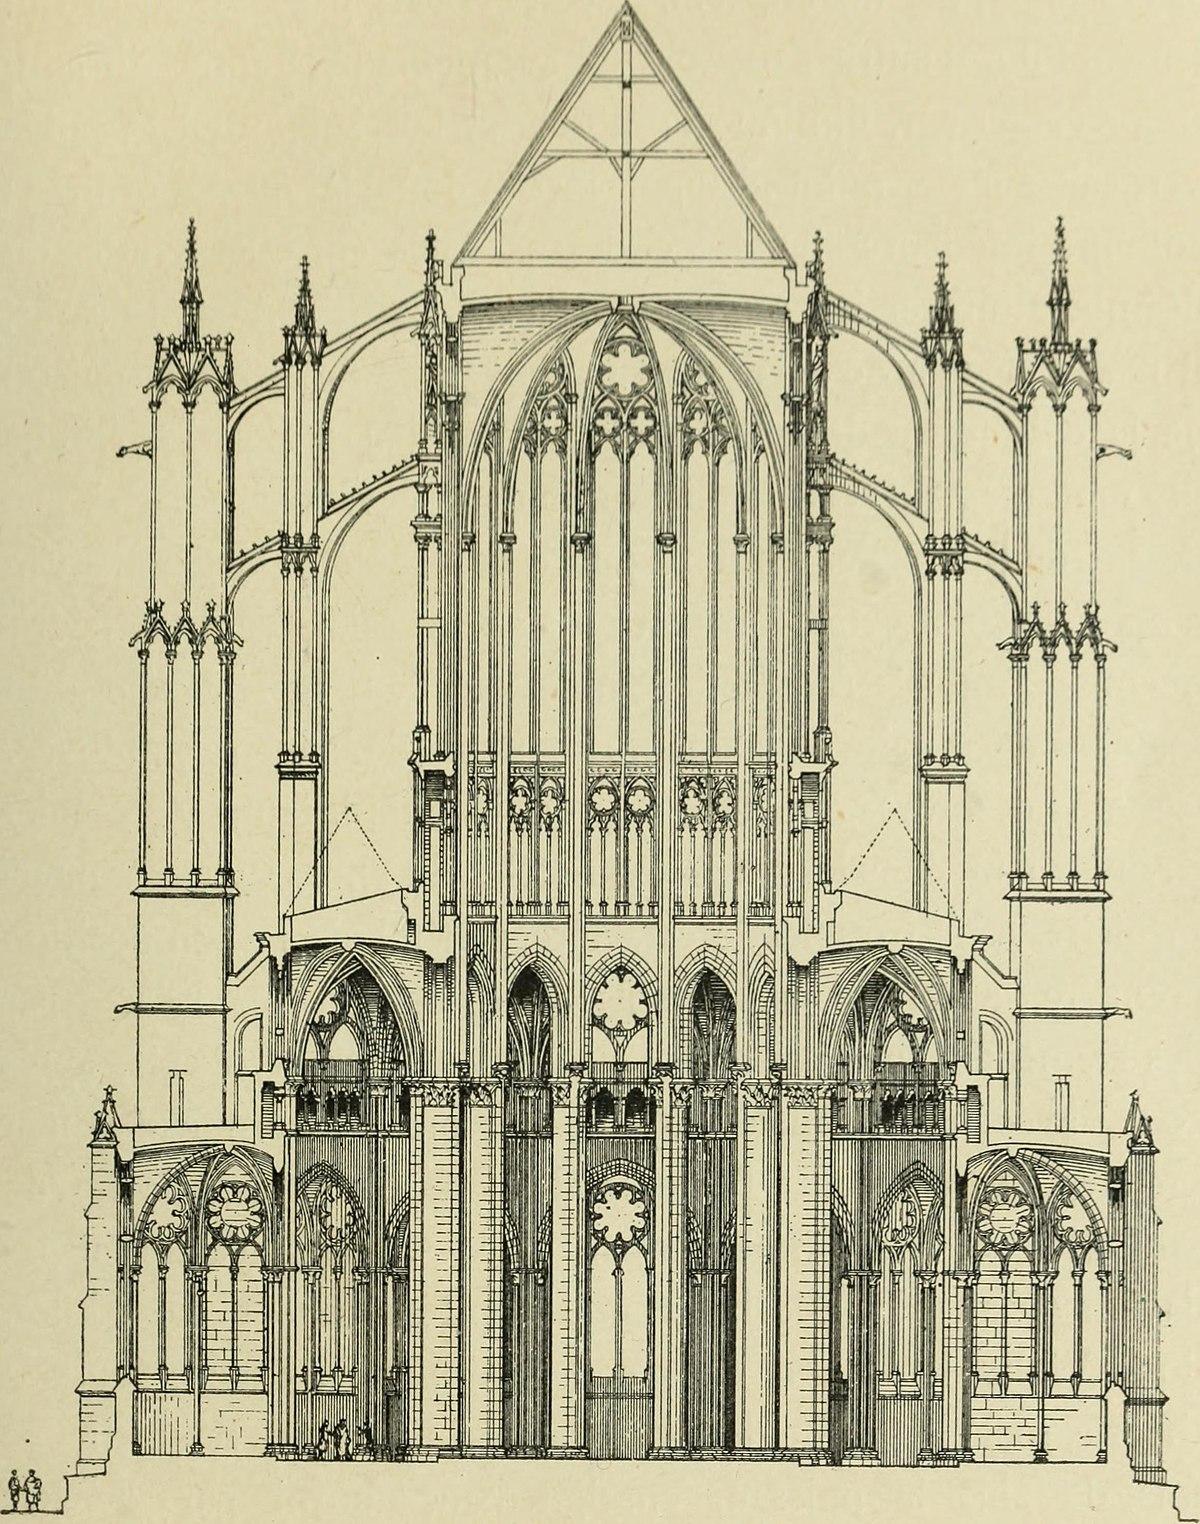 la structure en architecture